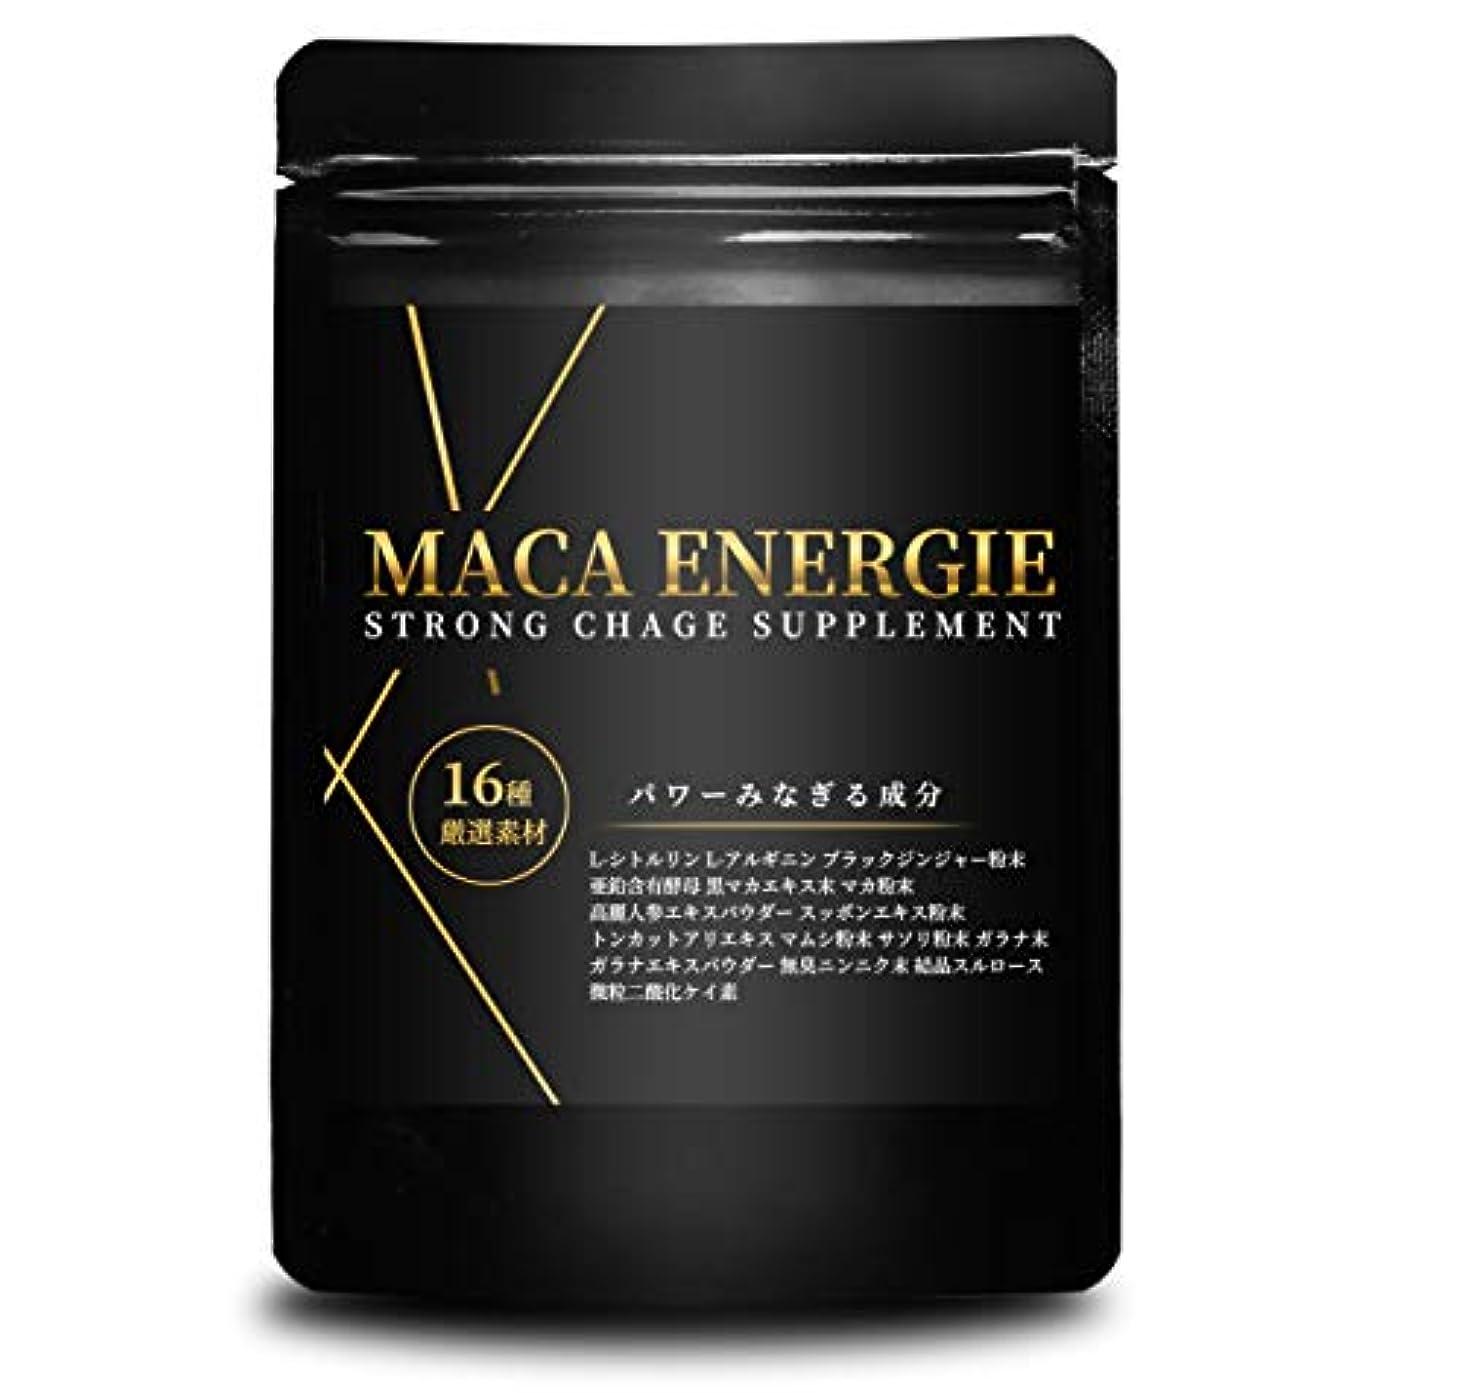 後方農業のアマゾンジャングルMACA ENERGIE マカエネルギー マカ 亜鉛 アルギニン クラチャイダム 全16種類 90粒30日分